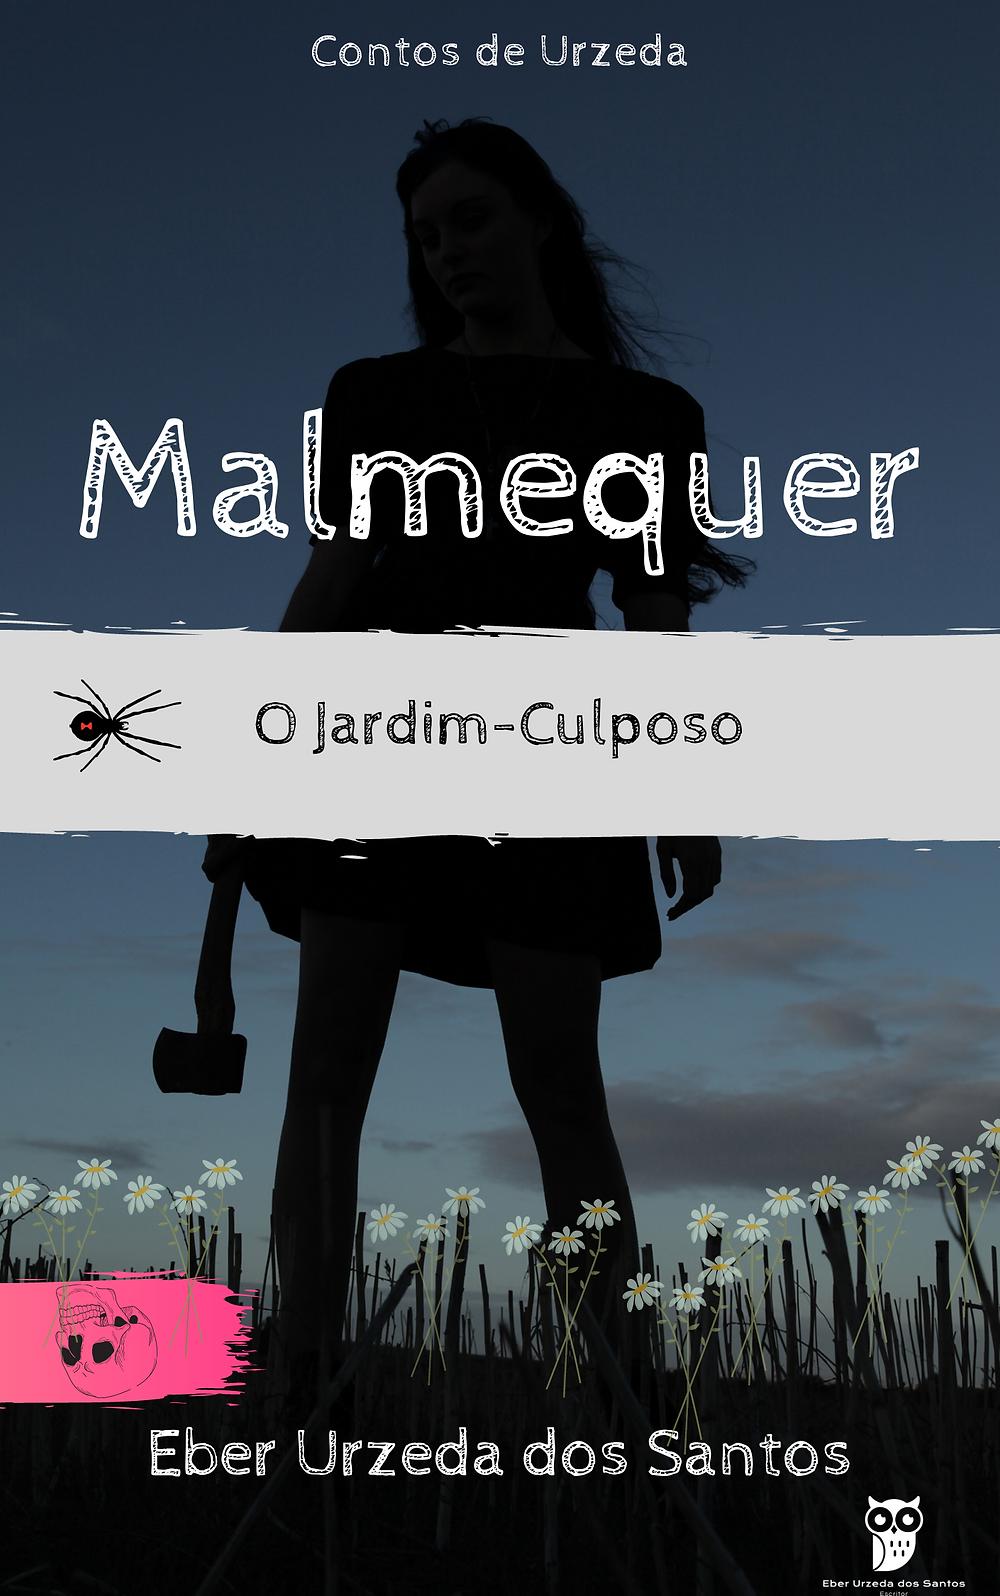 Malmequer: Contos de Urzeda